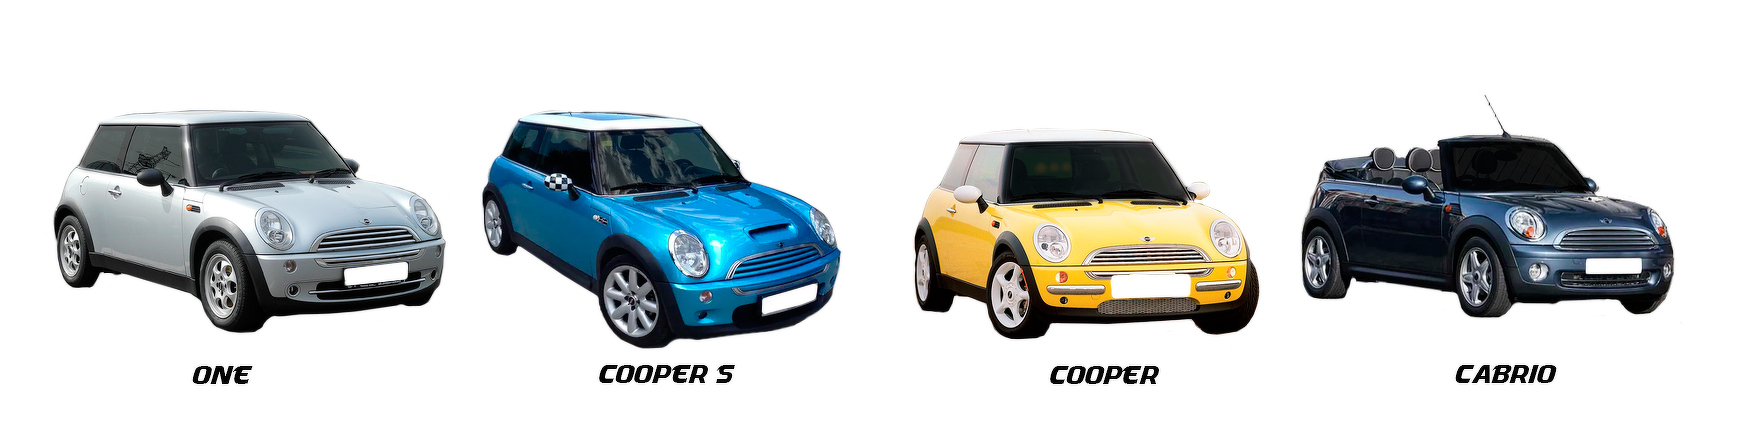 Recambios para Mini One R50, Cooper, S R53  de 2004, 2005 y 2006.